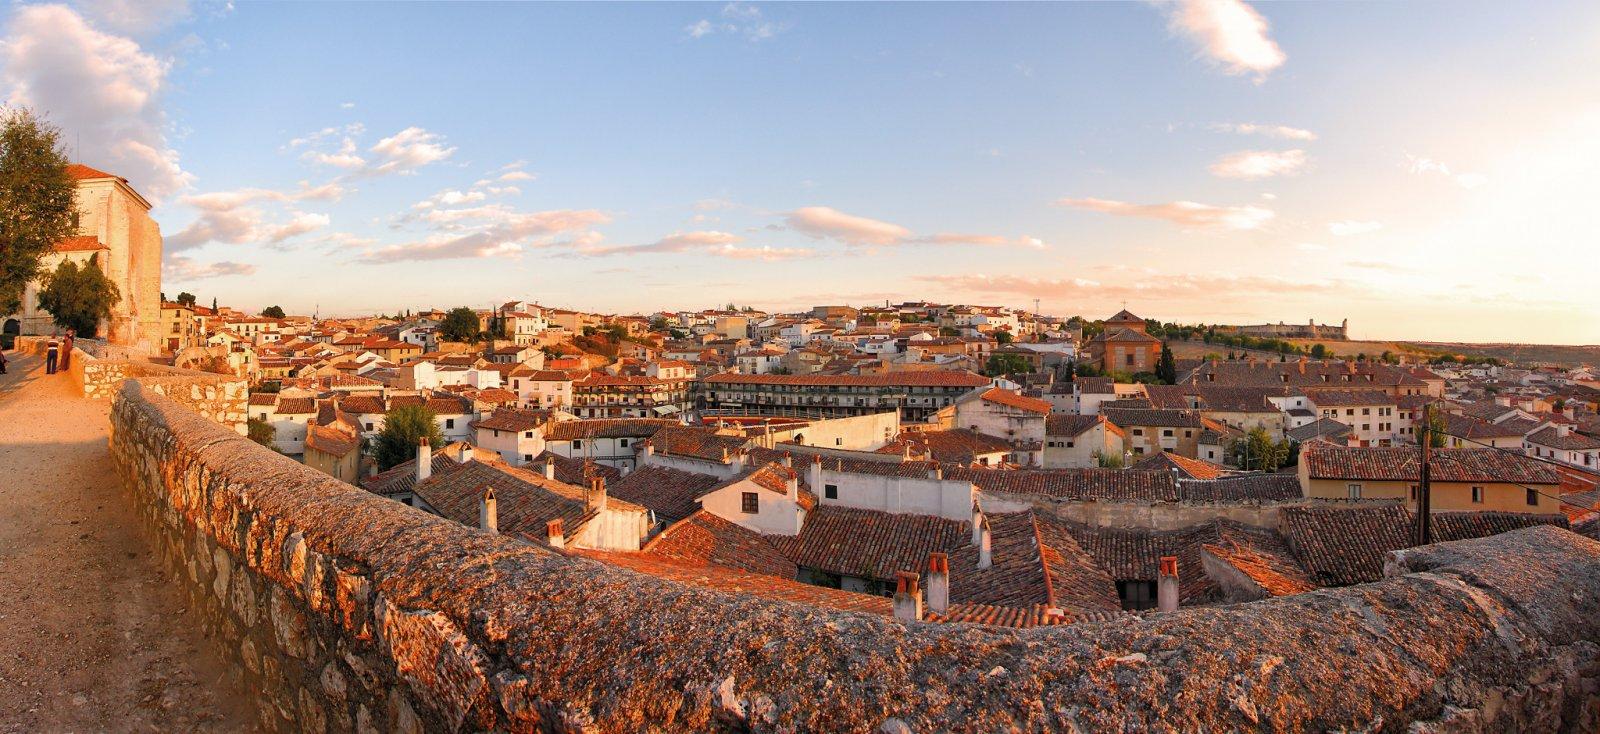 Путешествие из Мадрида в Чинчон и Аранхуэс